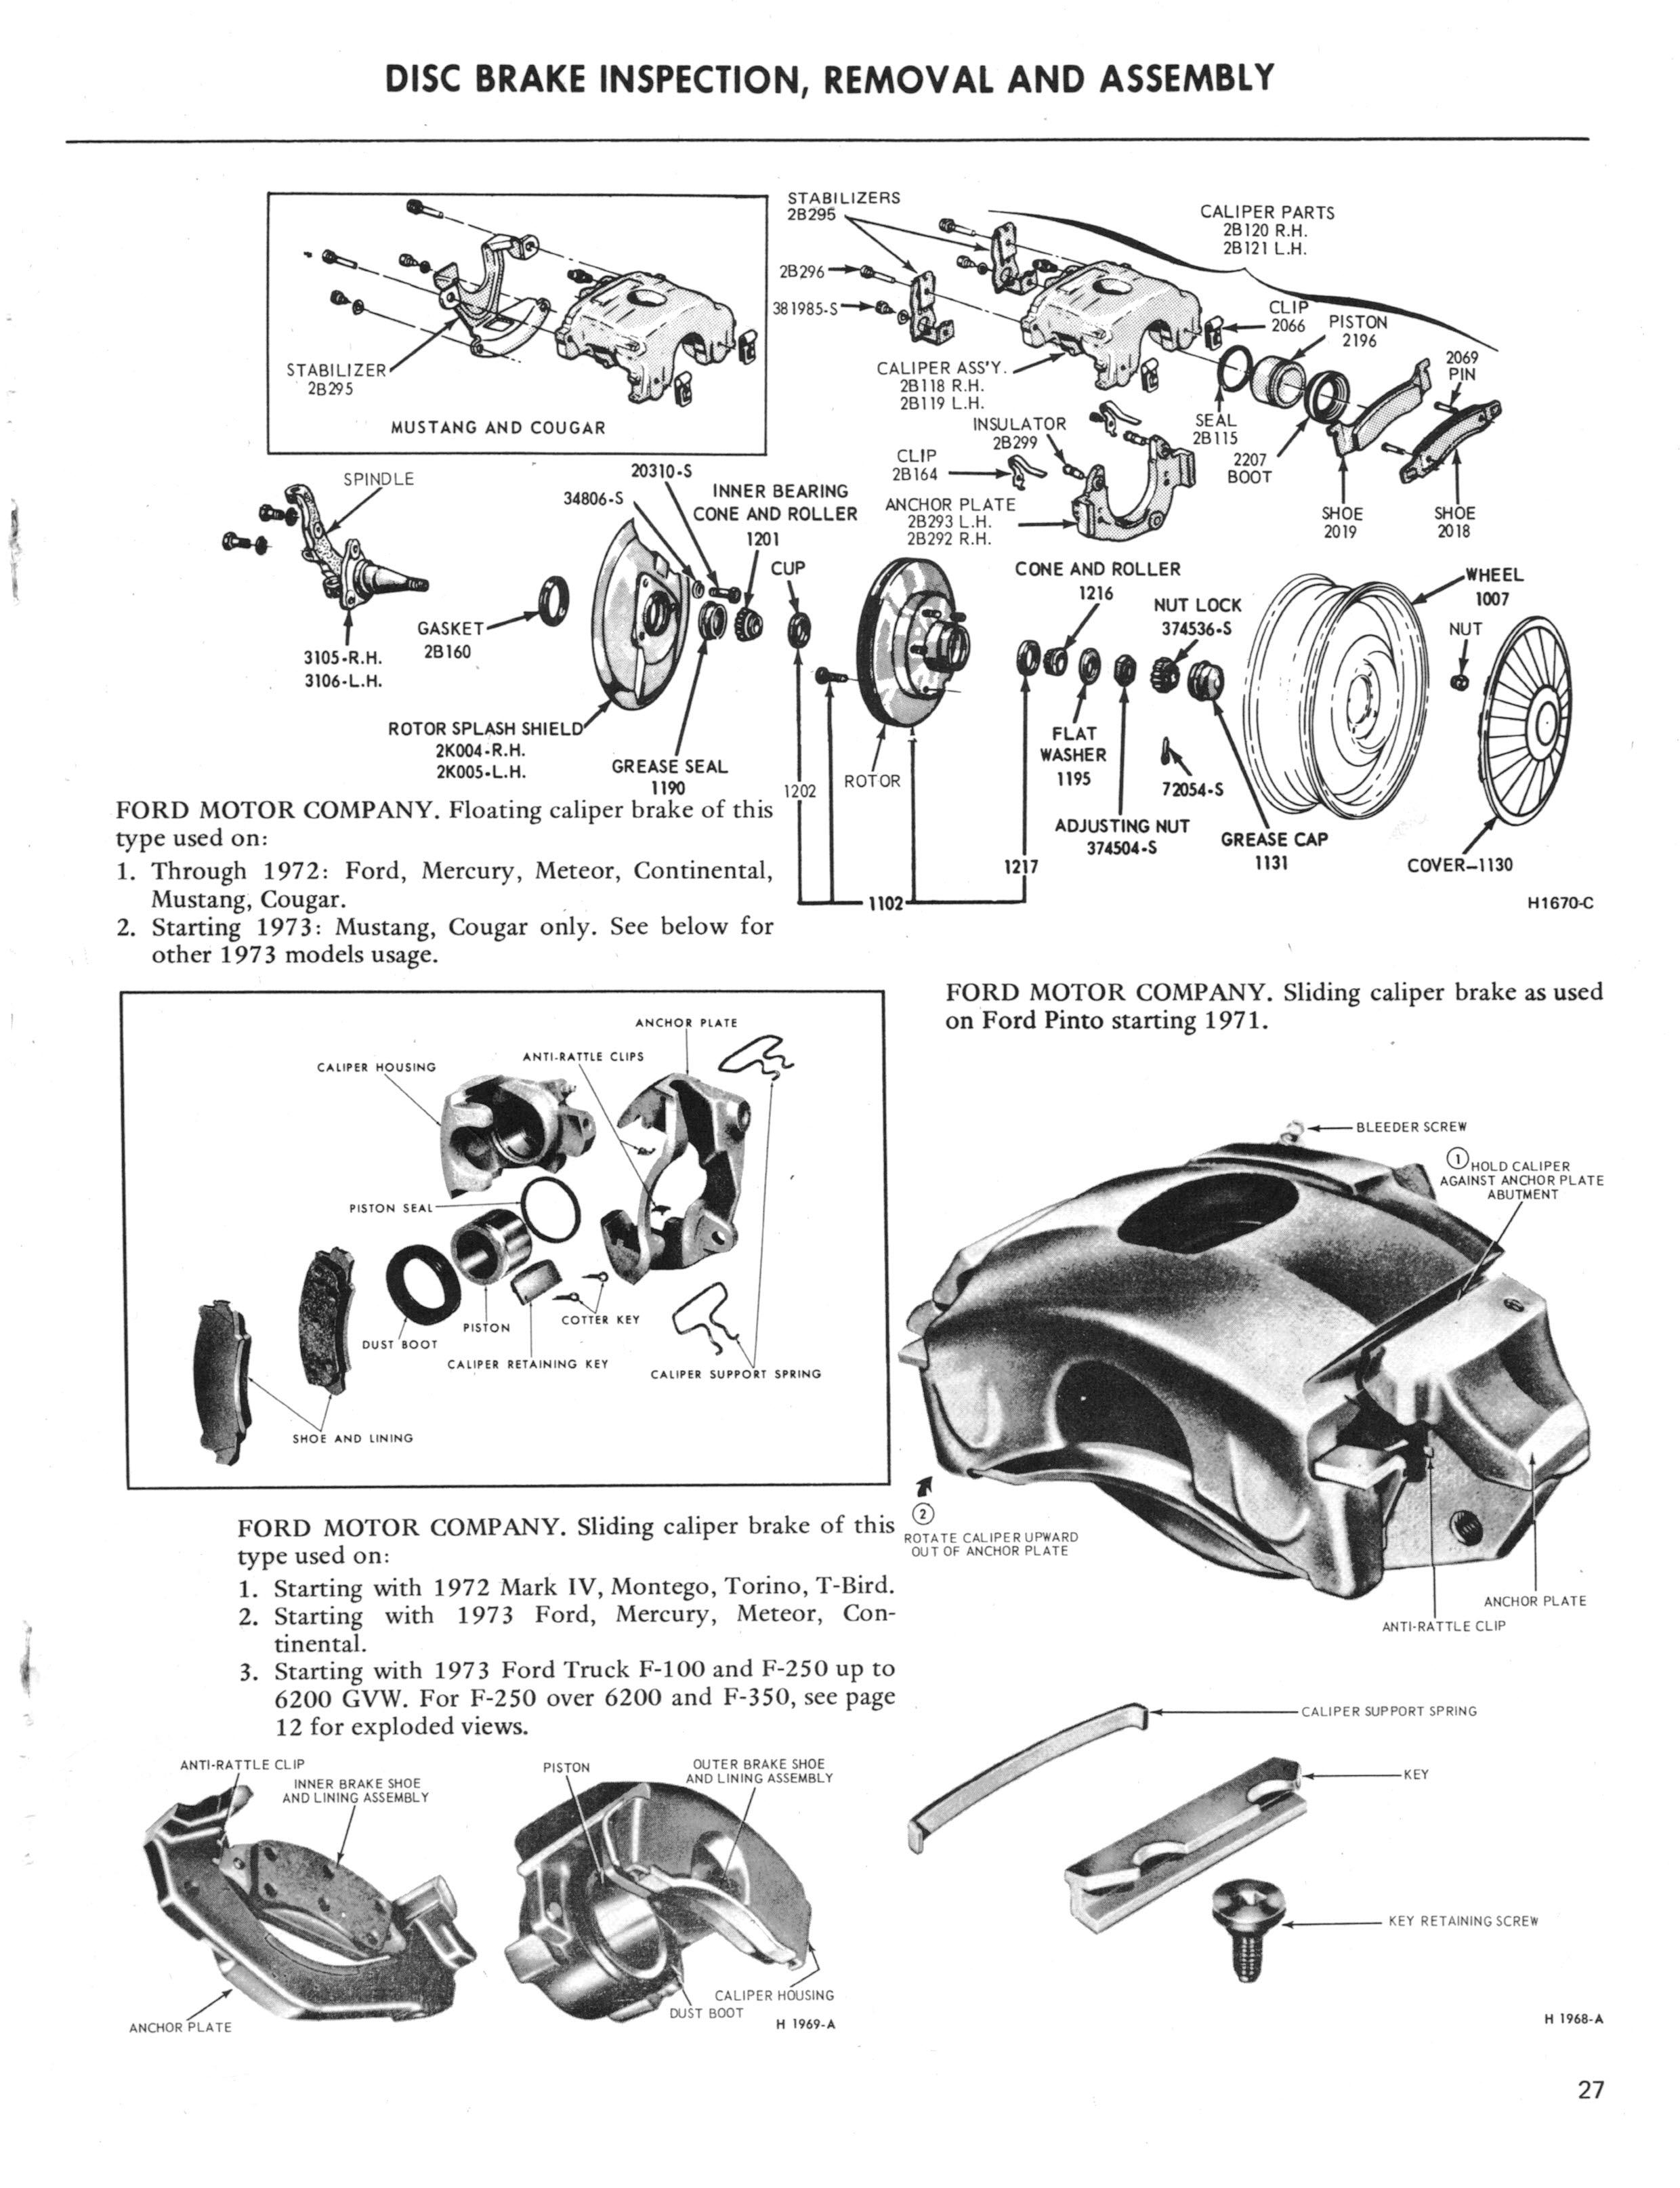 1974 Disc Brake Service Manual 29 of 56